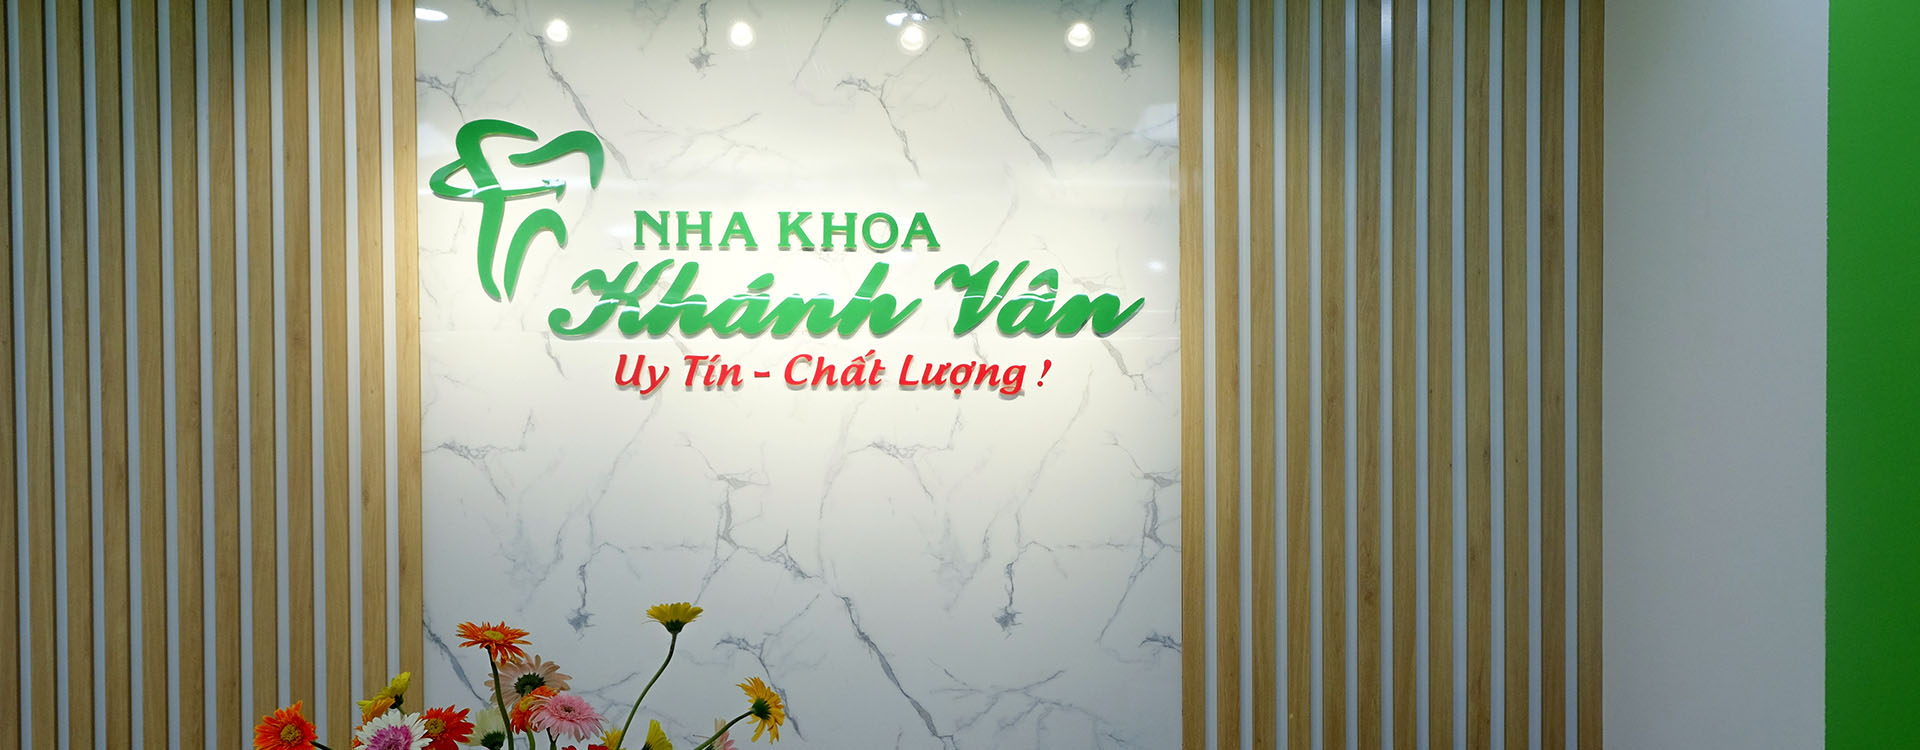 Nha Khoa Khánh Vân - Cơ sở 1